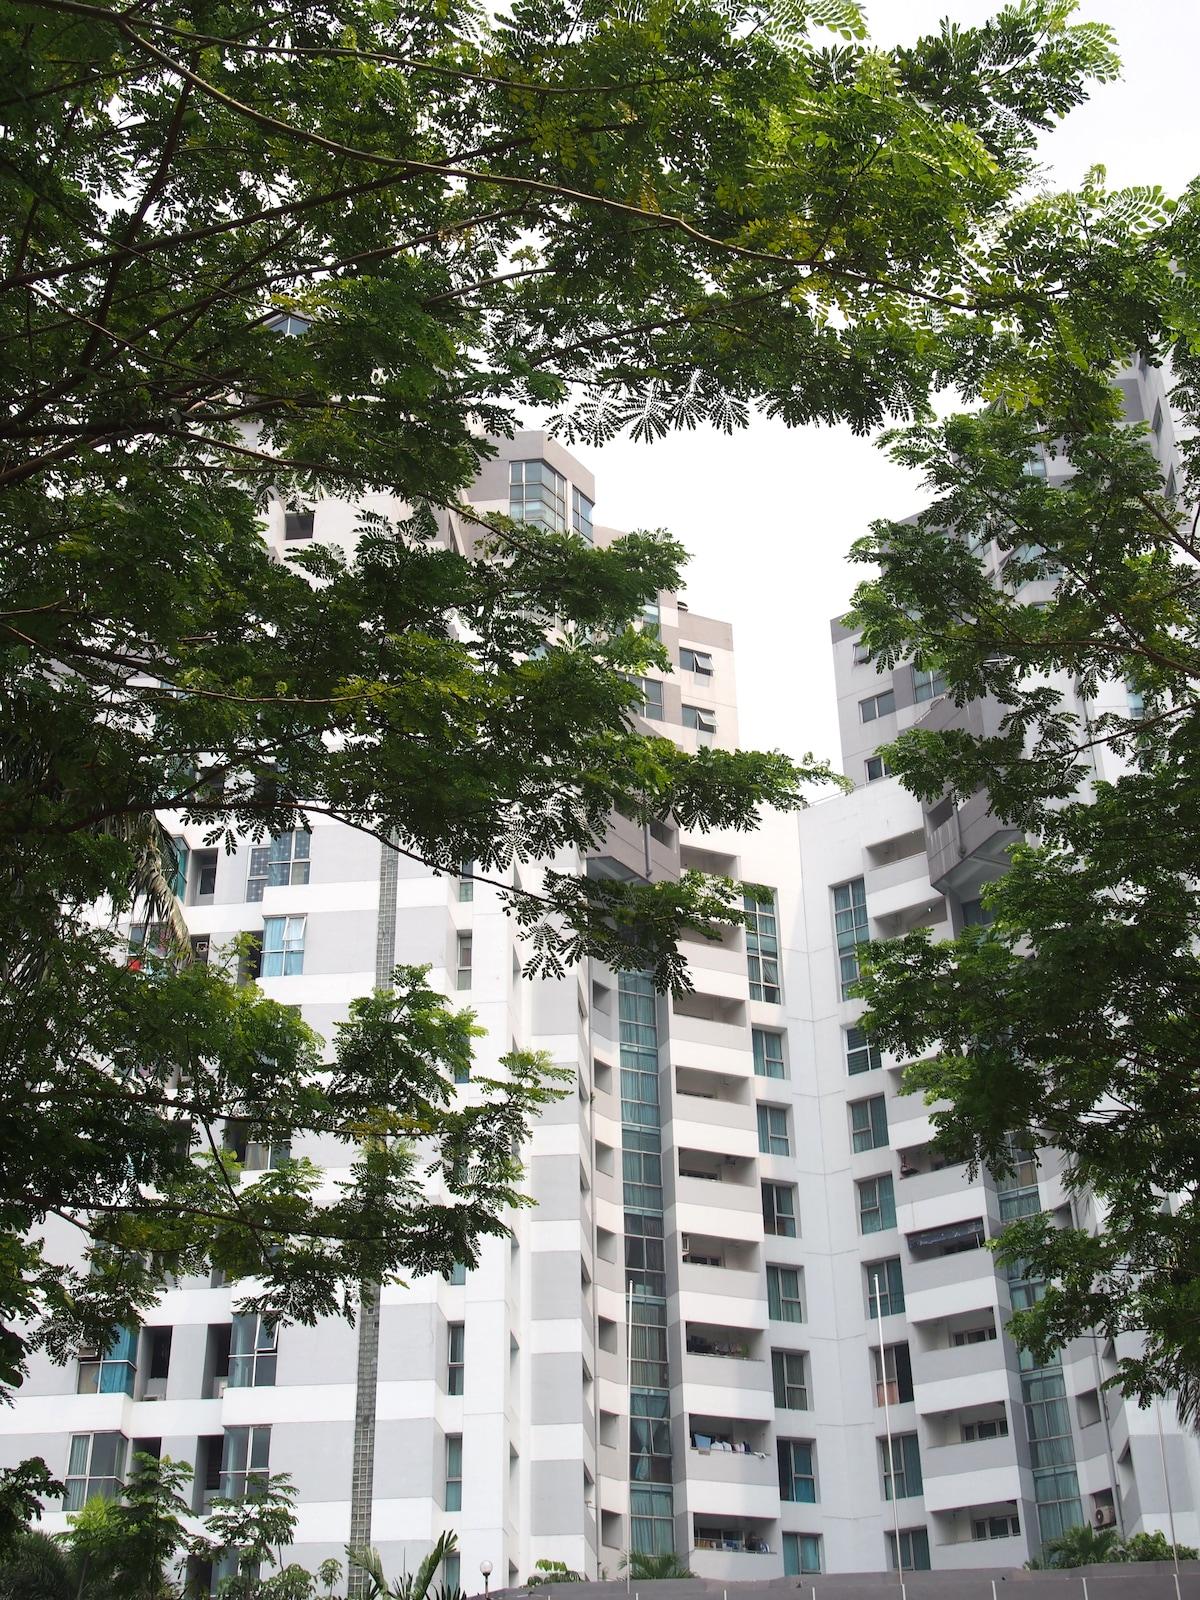 Juanda Condominium exterior